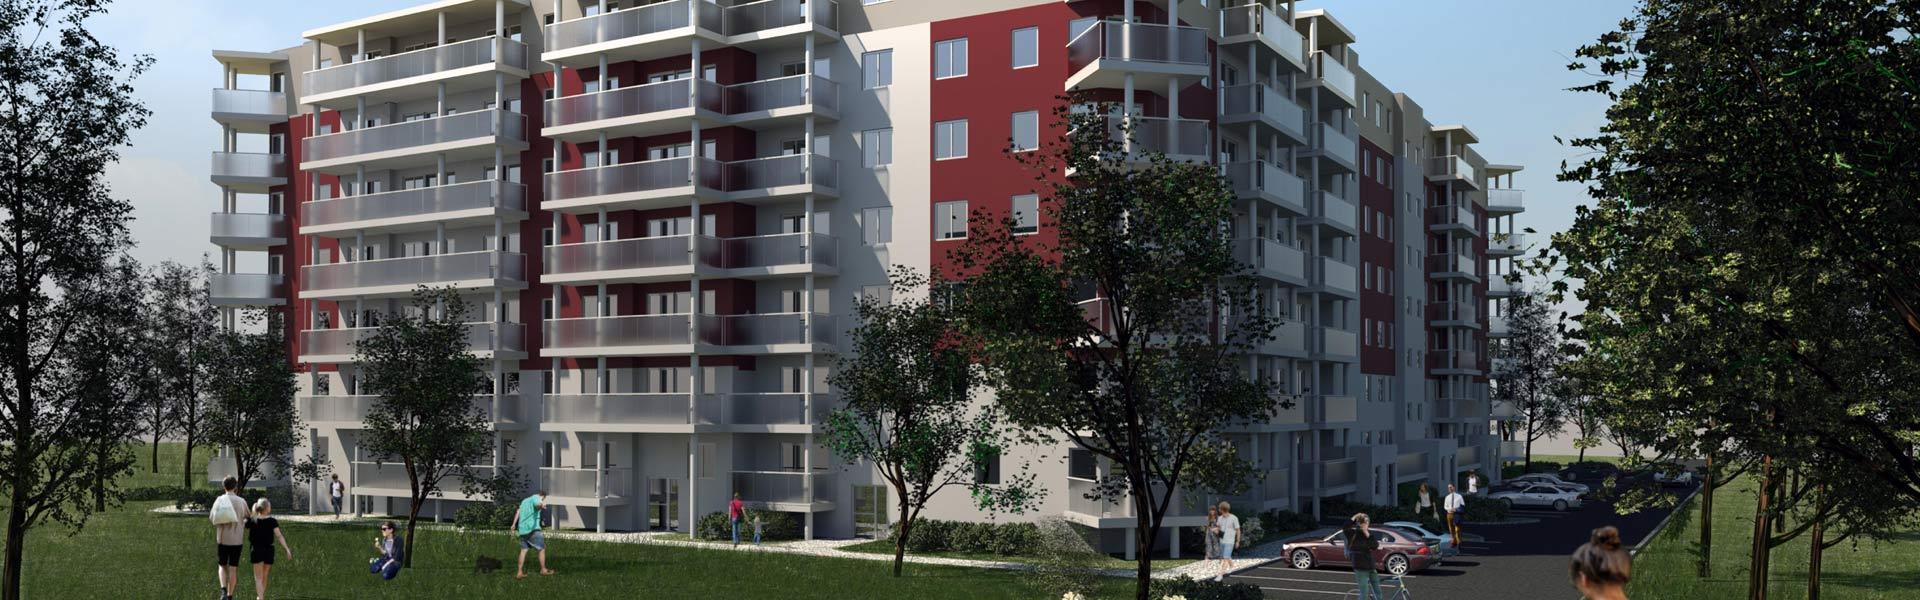 Mieszkania na sprzedaż, Zielona Góra